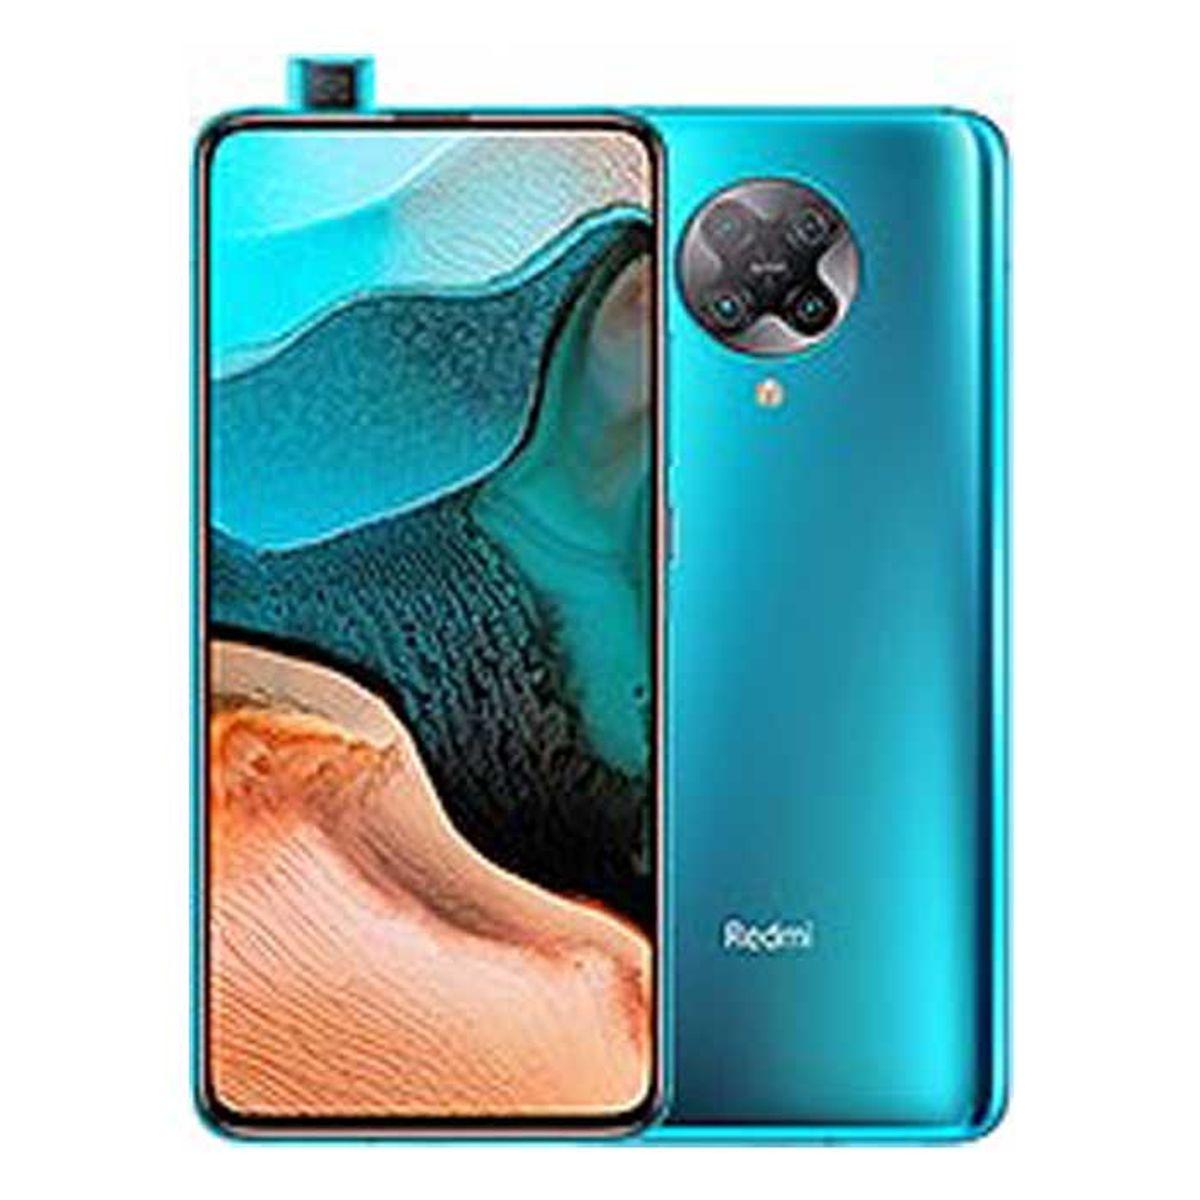 Redmi K30 Pro 256GB 12GB RAM